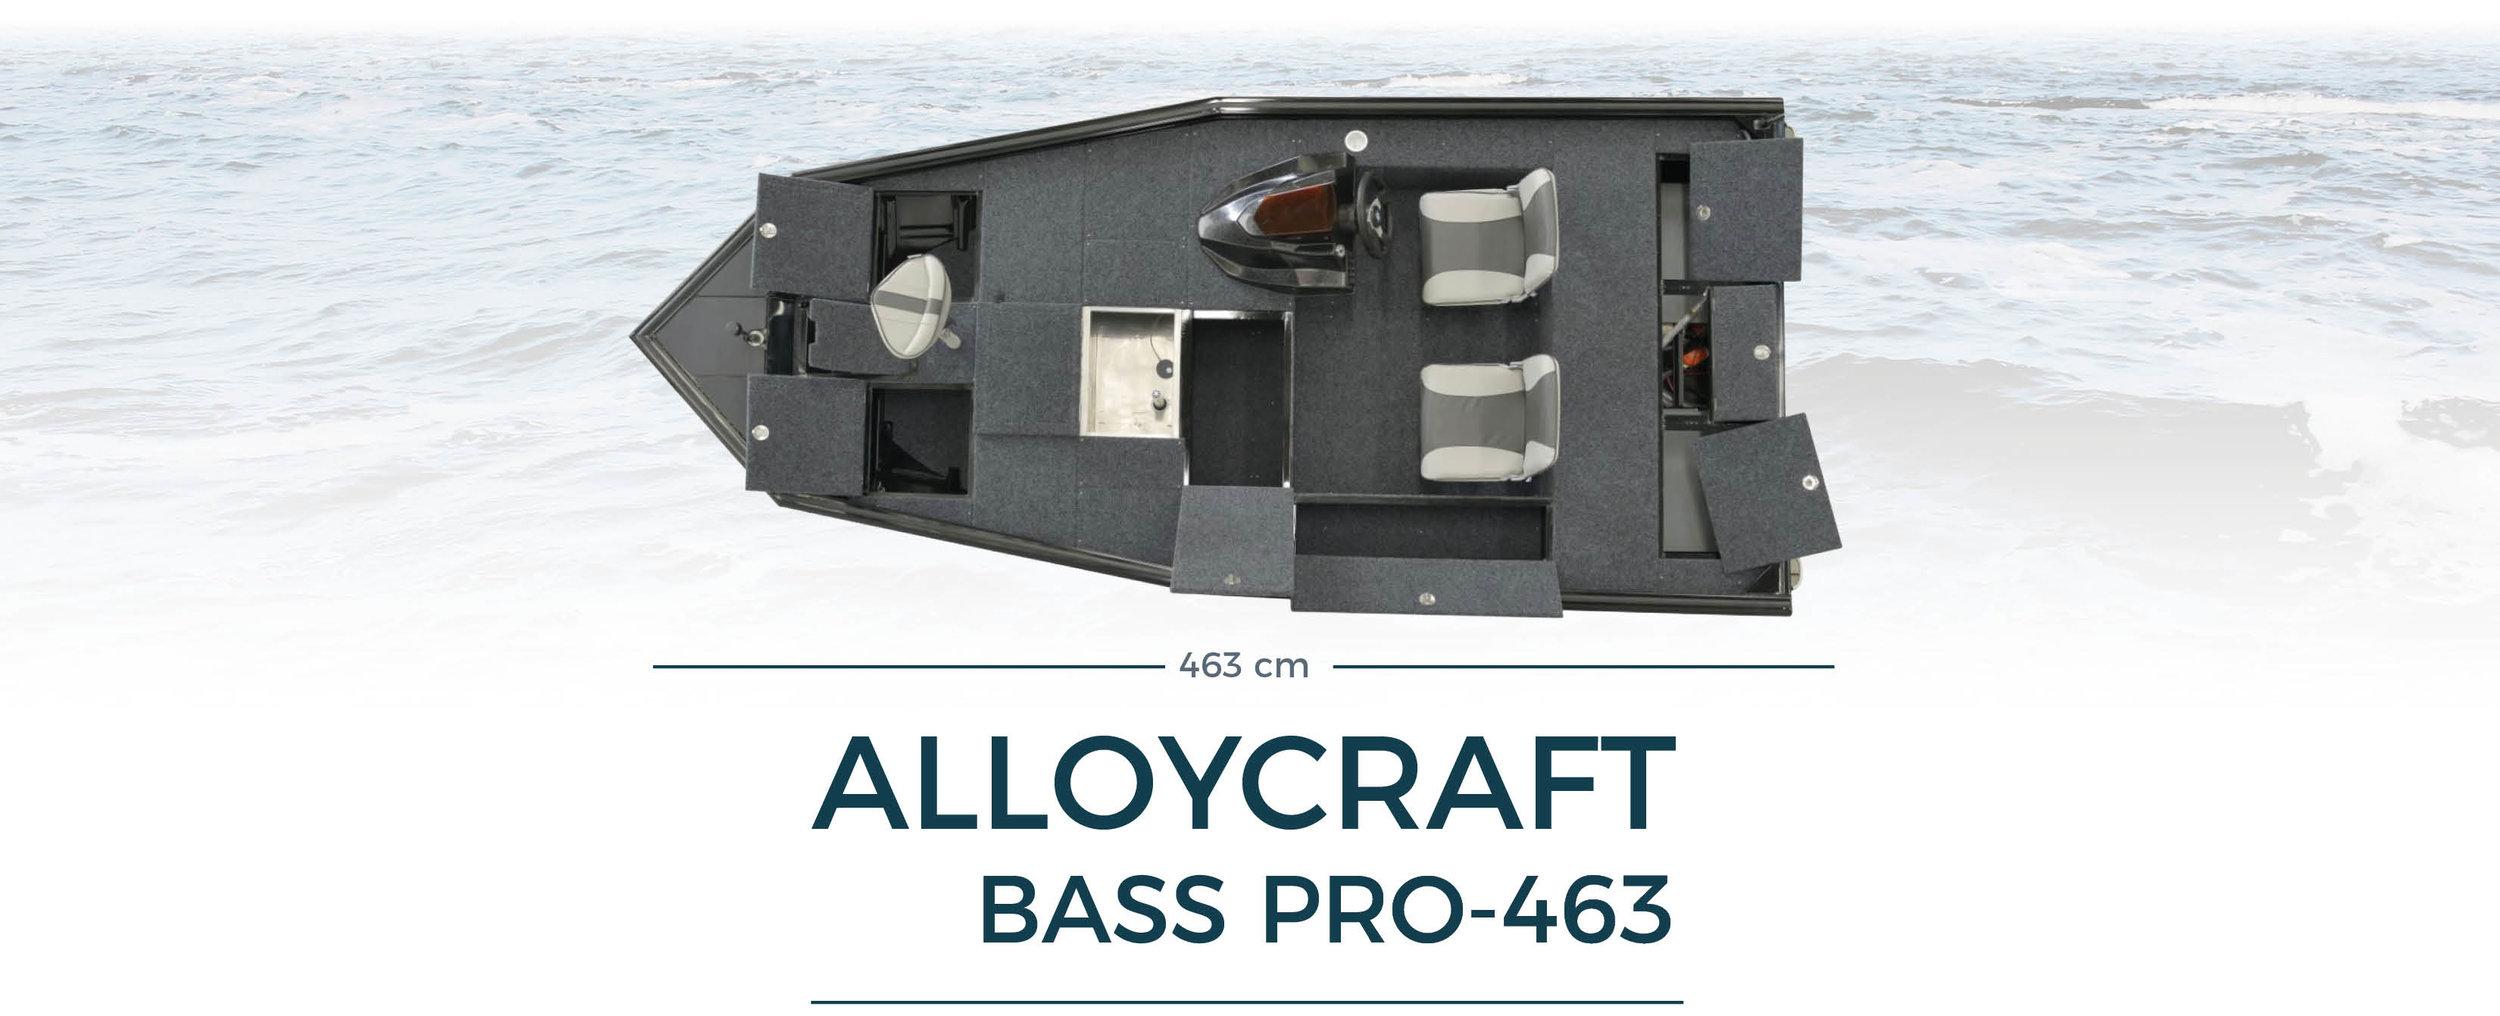 Bass pro 463 båtrubrik.jpg